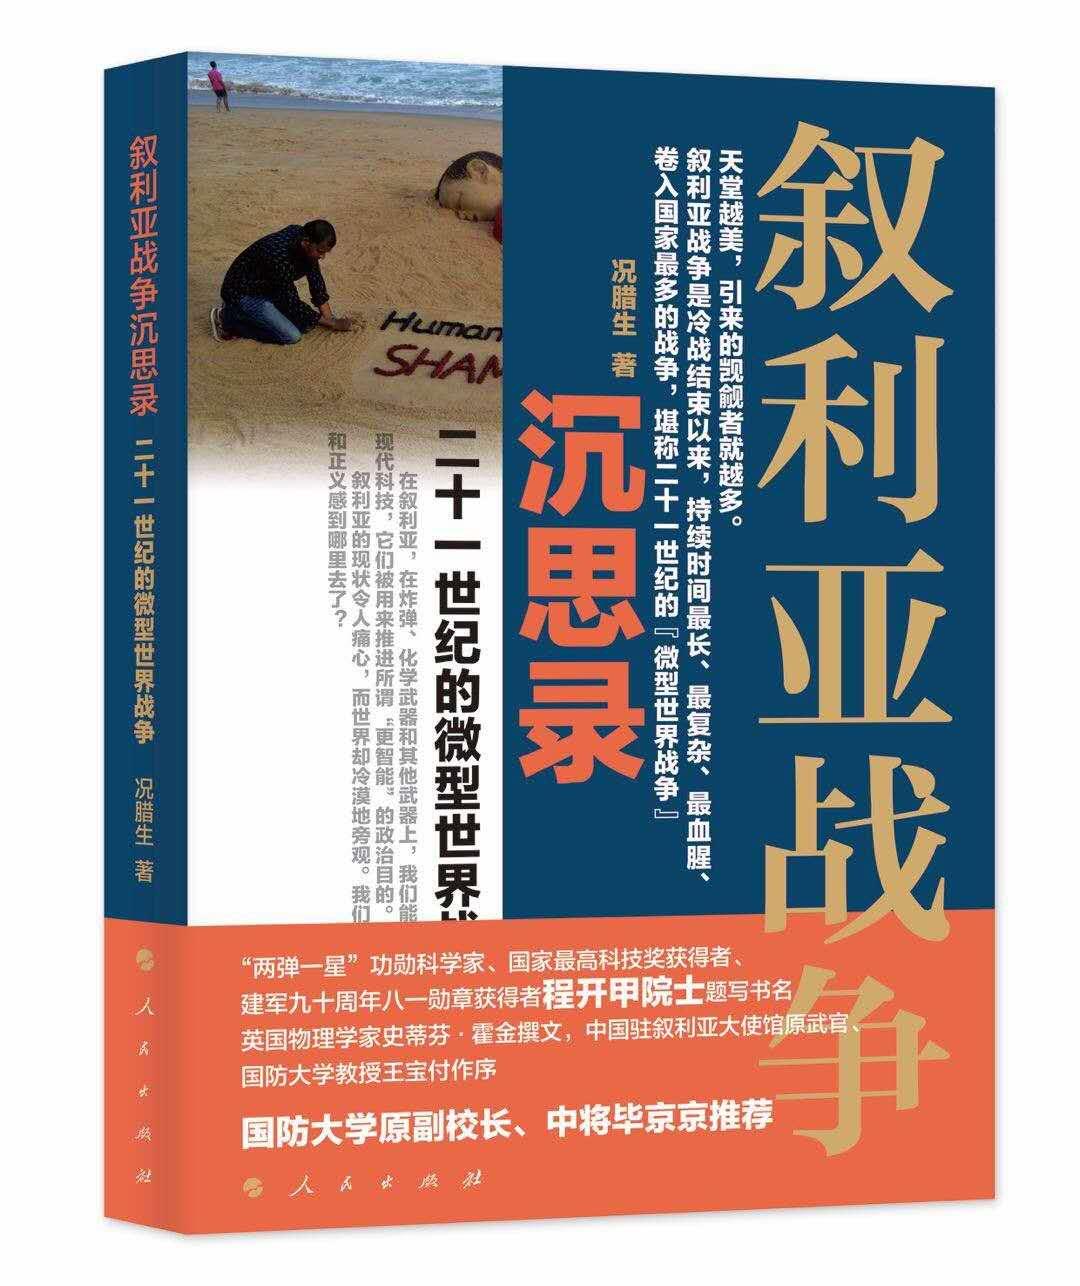 美军当年这份核轰炸城市清单曝光:北京位列第13位米粉节直播